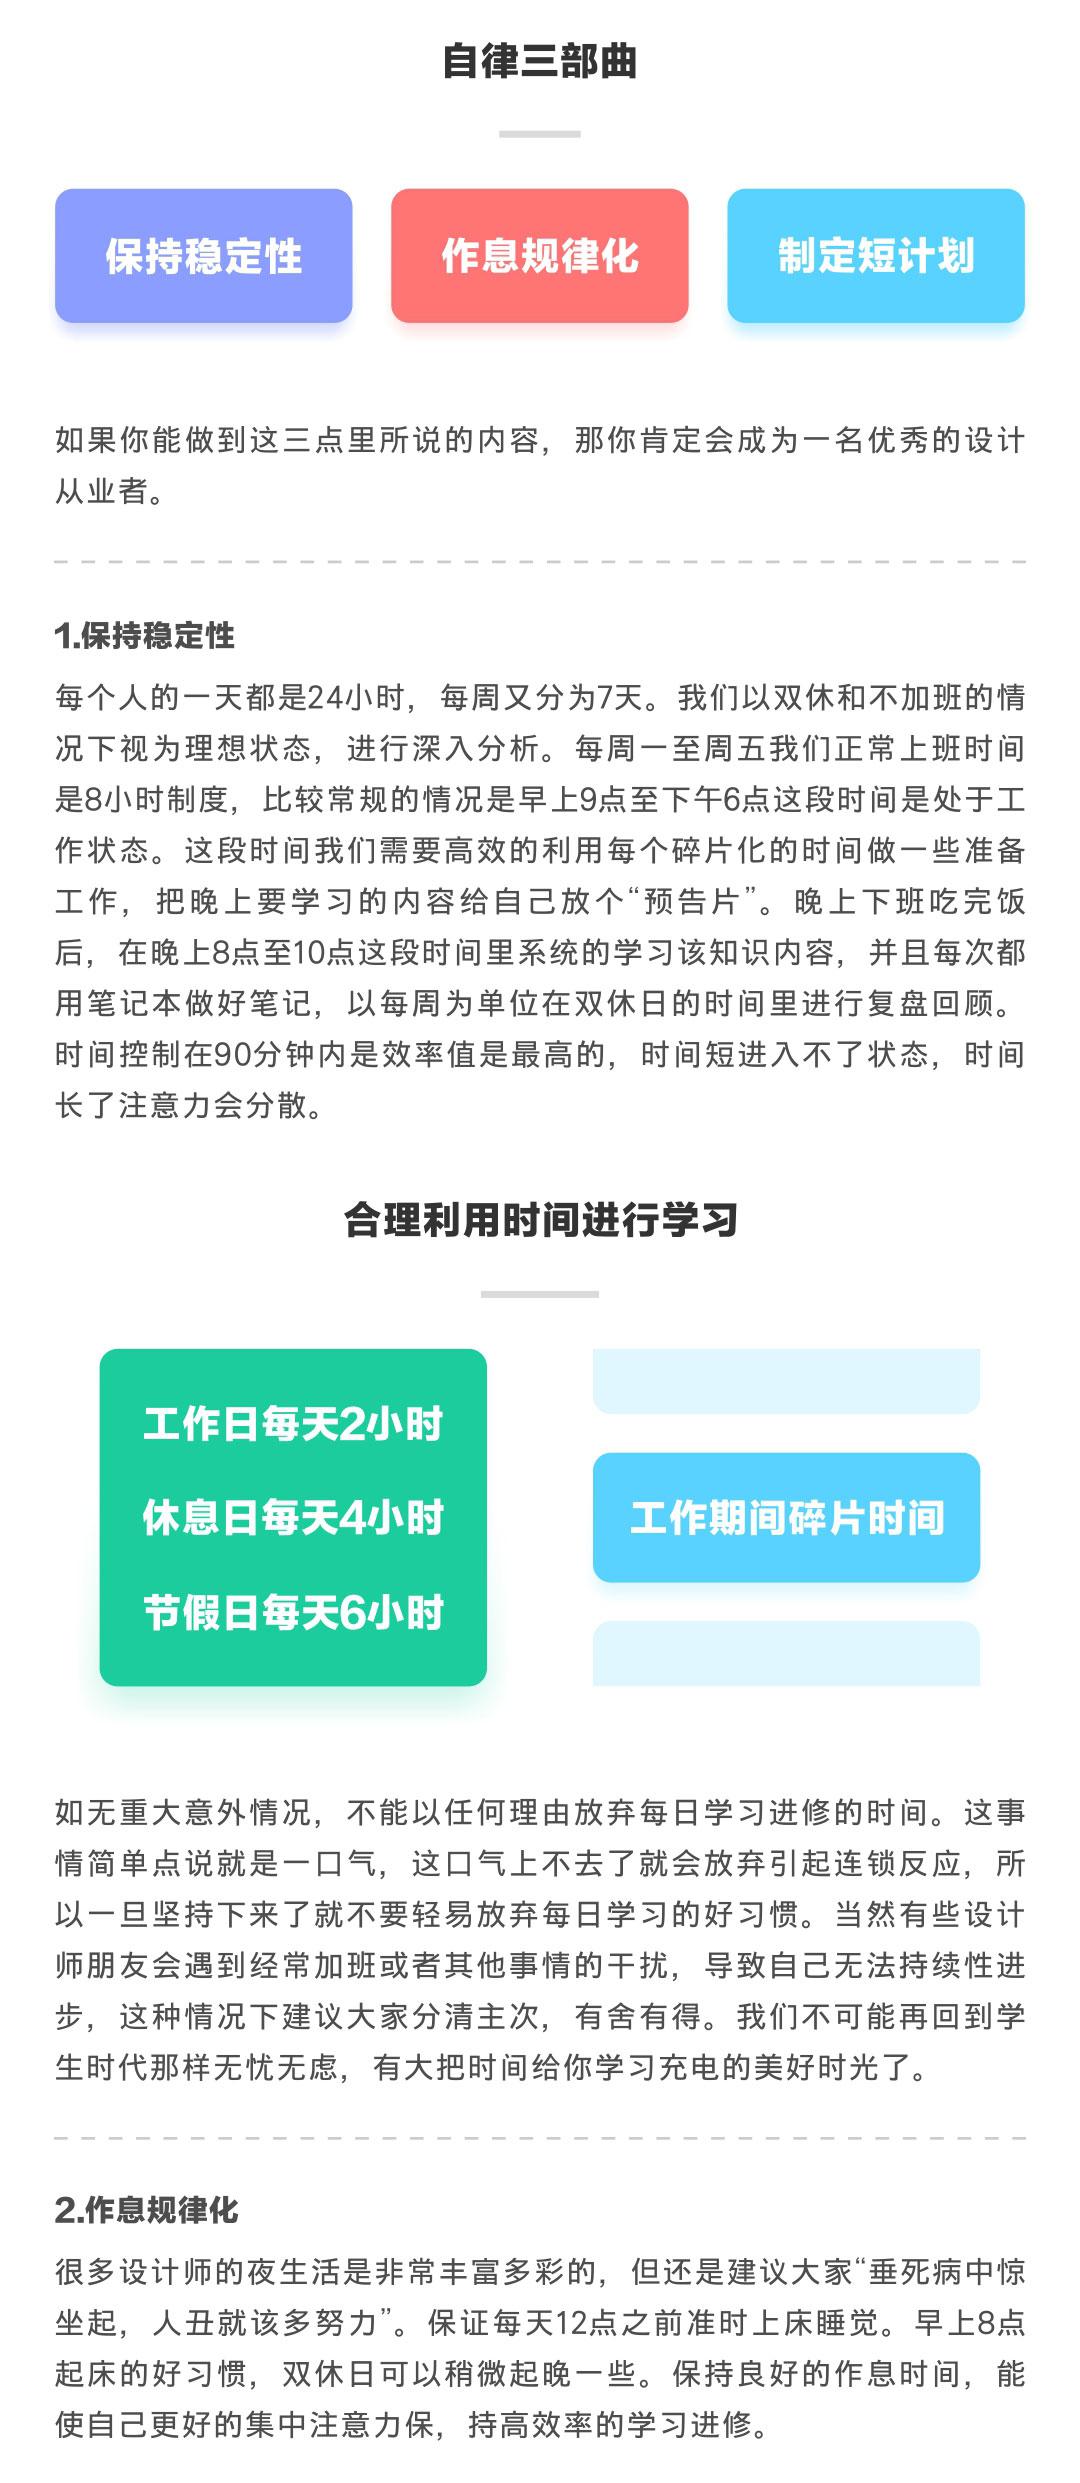 系列三部曲!中国式草根设计师的自我提升(完结篇)